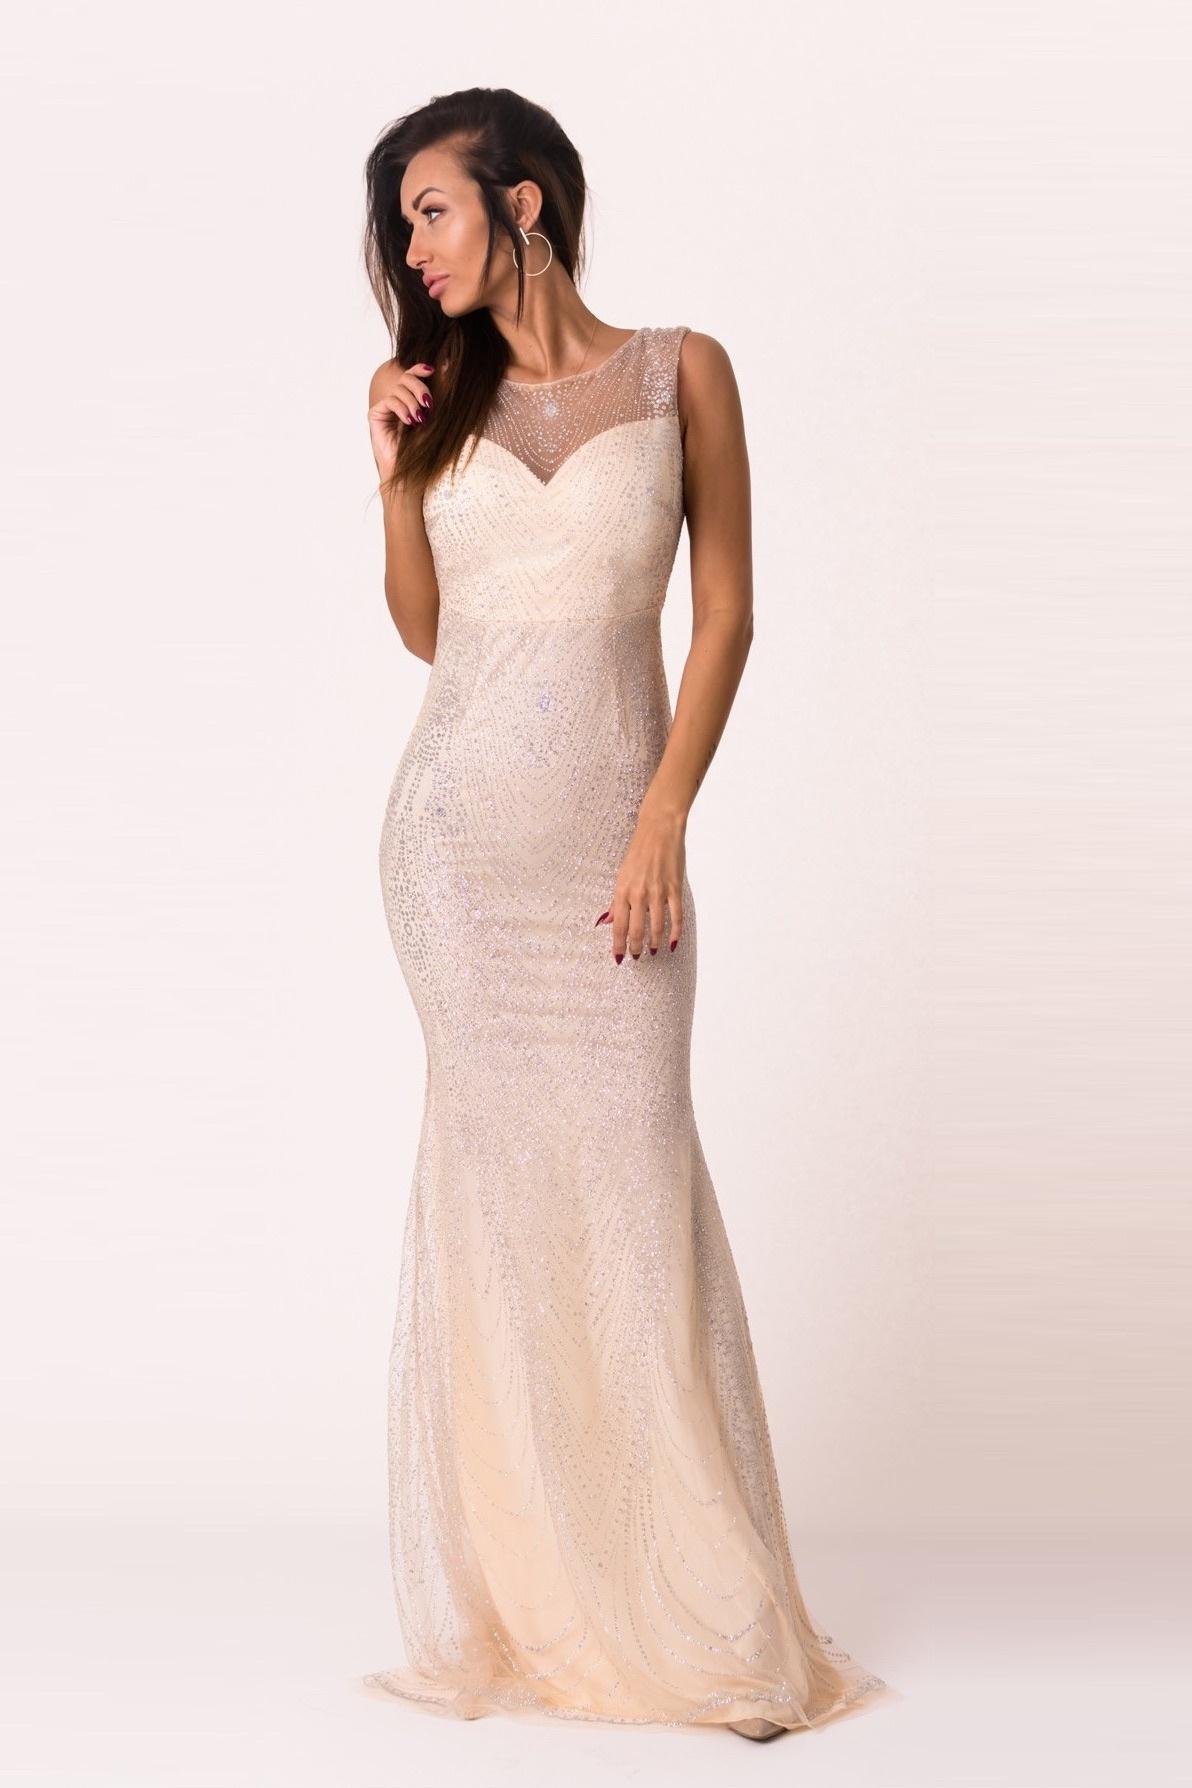 712367cc020 Společenské šaty Nidaba